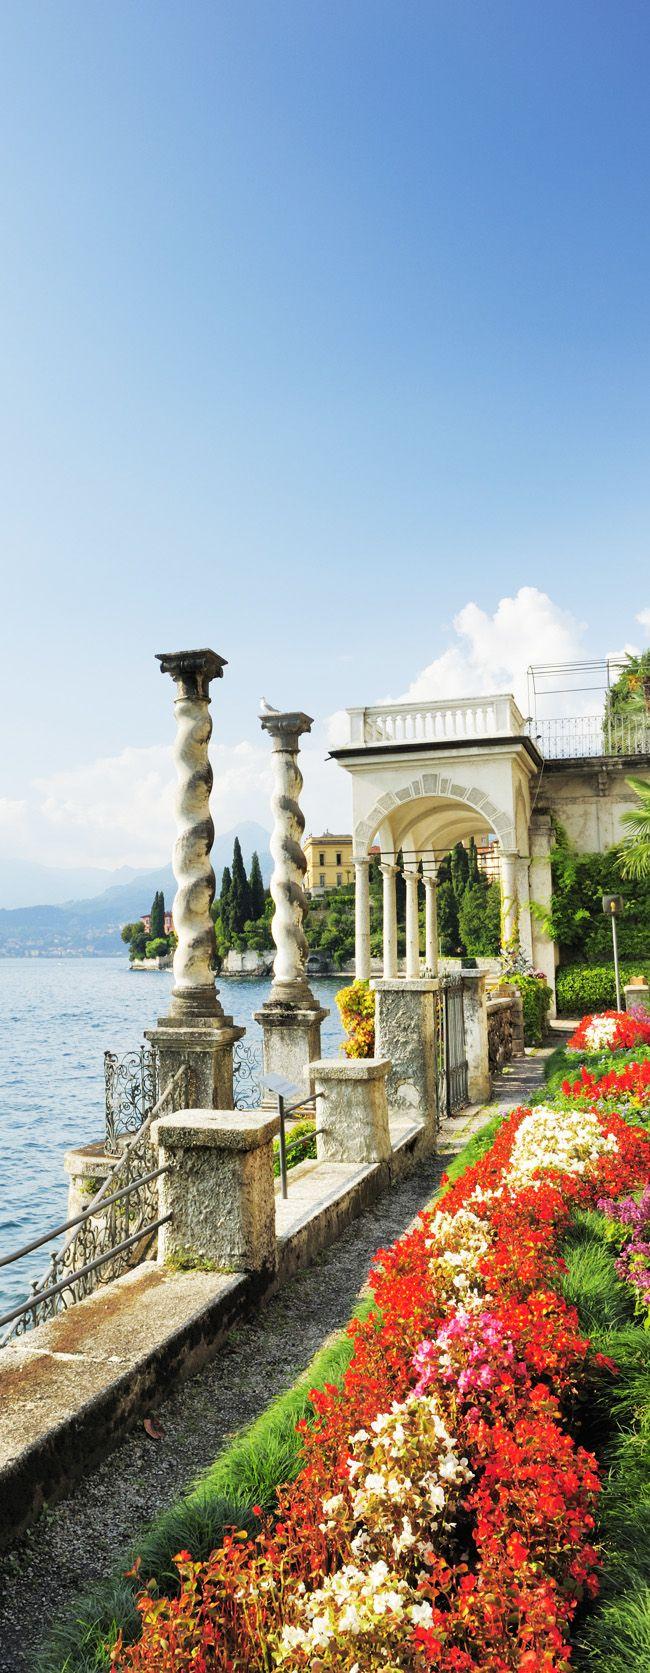 Lac de Côme, Italie